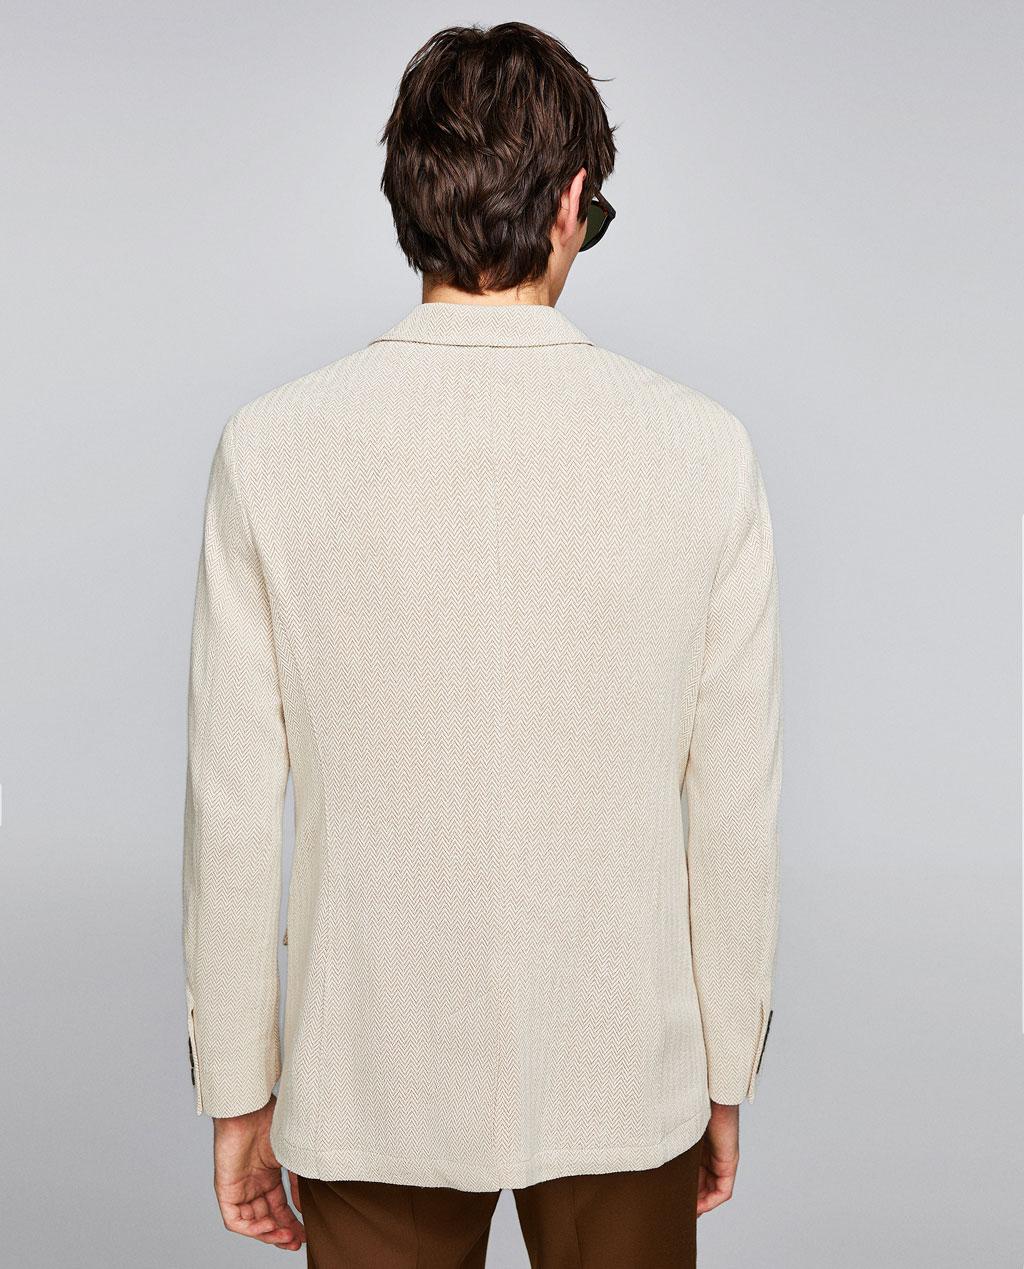 Thời trang nam Zara  24101 - ảnh 5